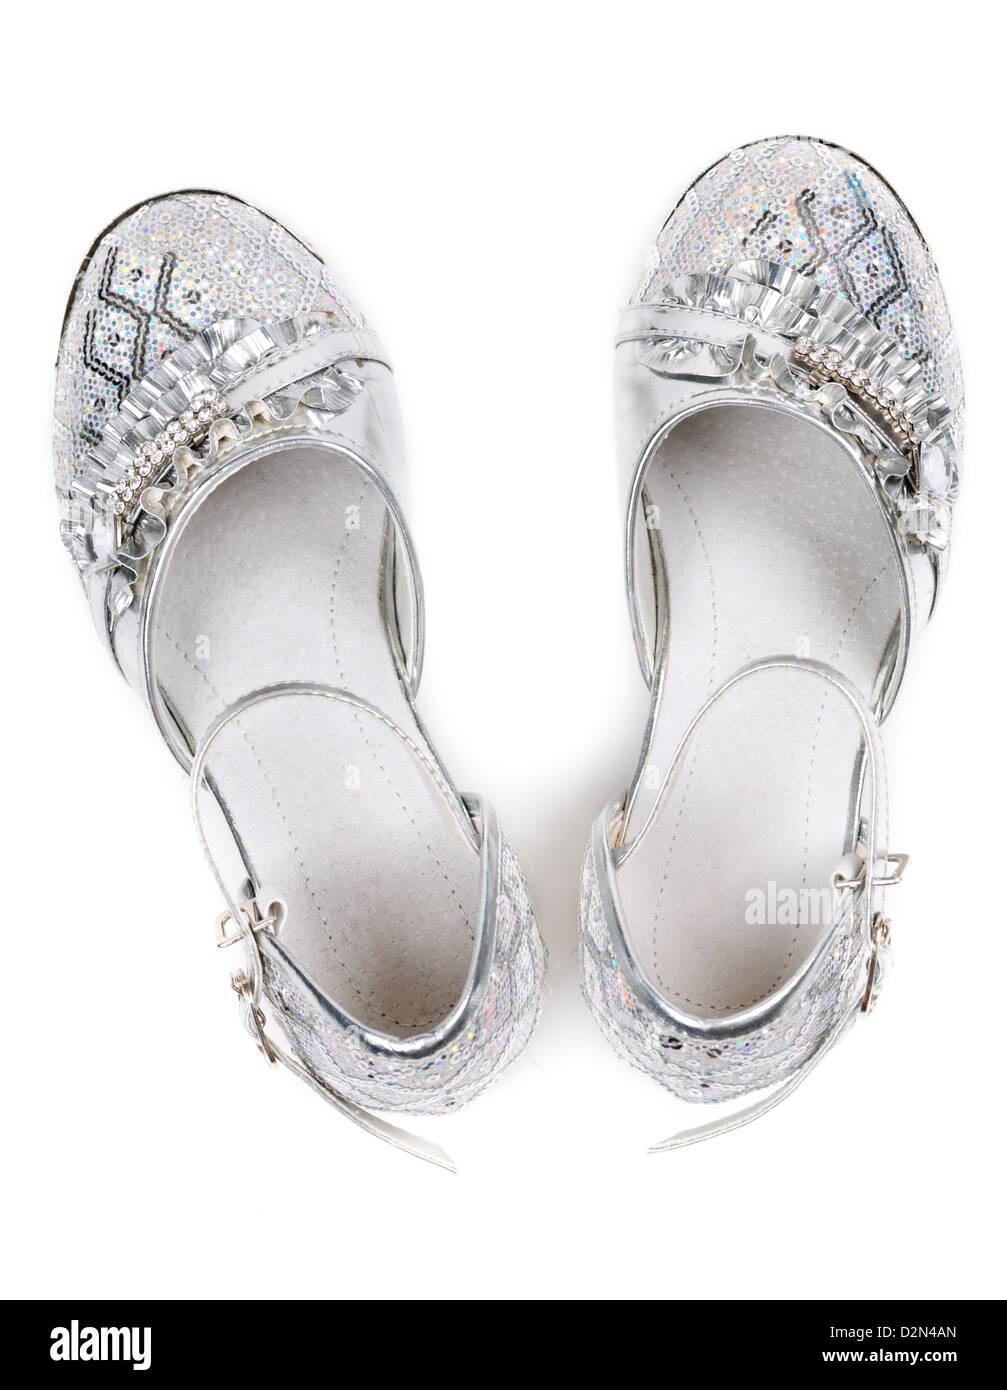 Bambini scarpe fantasia isolato su sfondo bianco. vista superiore Immagini  Stock a0de90775bc